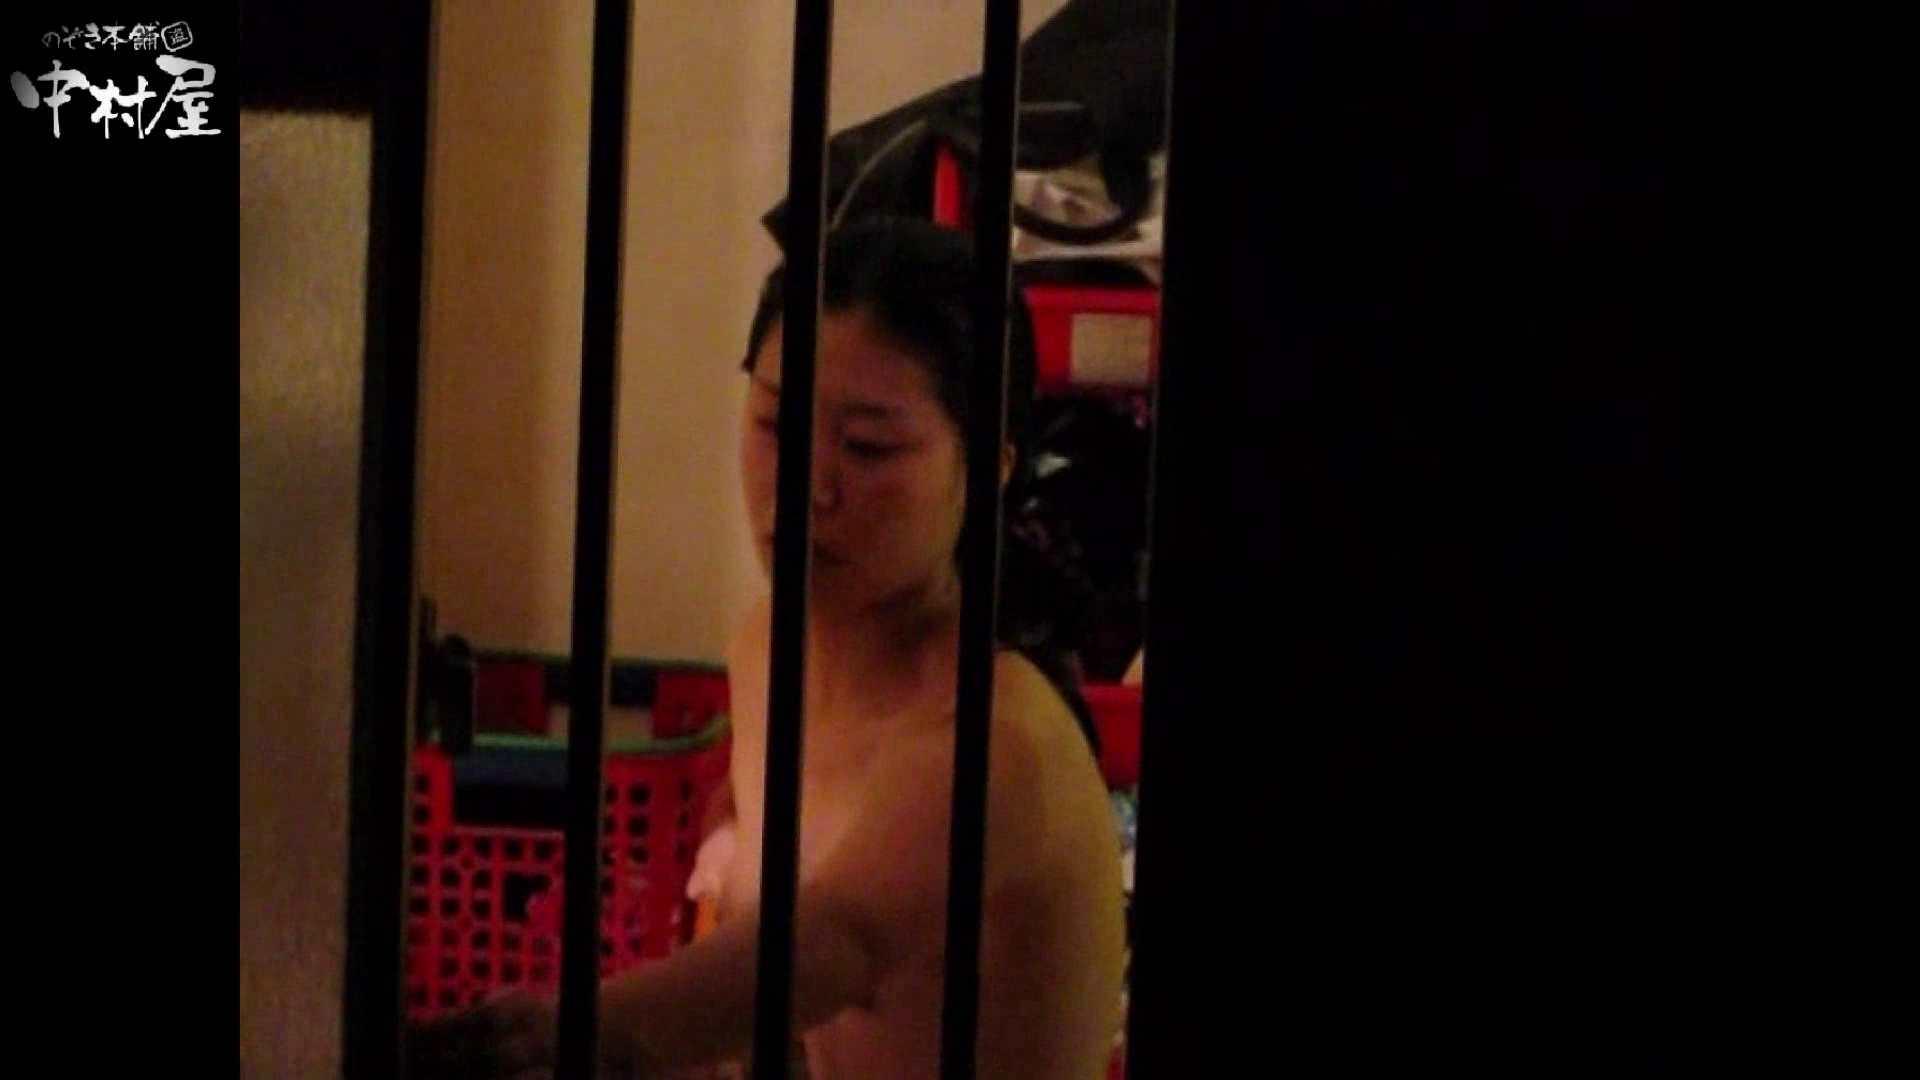 民家風呂専門盗撮師の超危険映像 vol.003 民家 アダルト動画キャプチャ 93pic 58